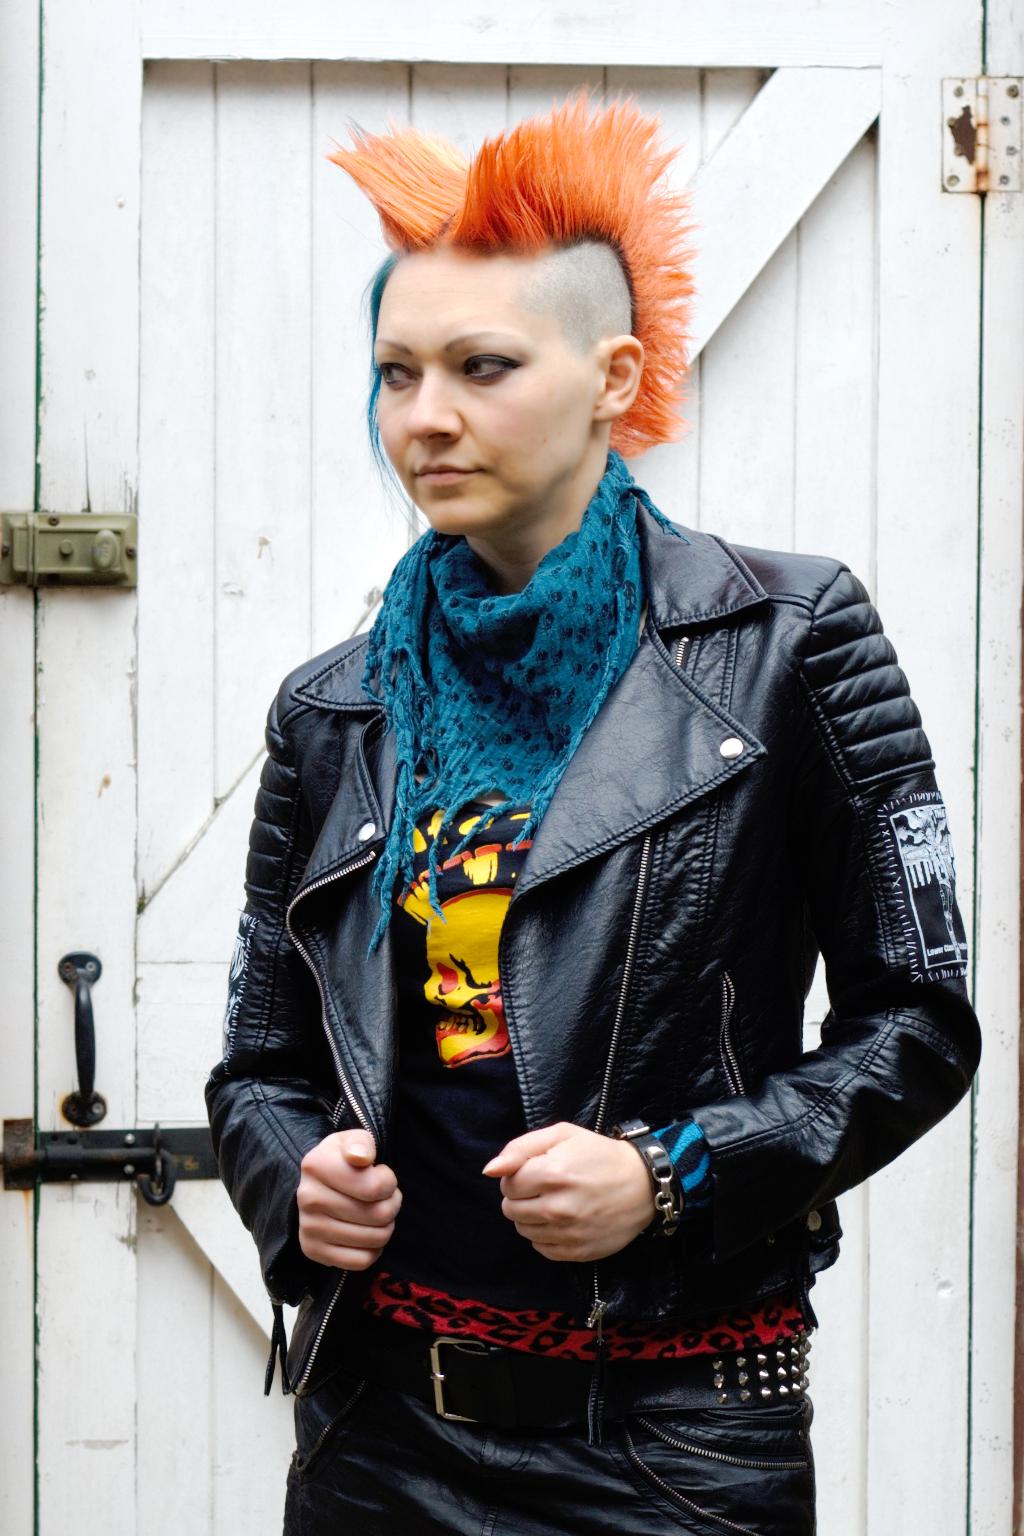 Projekt Lederjacke & politische Gedanken - Second Hand und Kreativität - Zebraspider DIY Anti-Fashion Blog